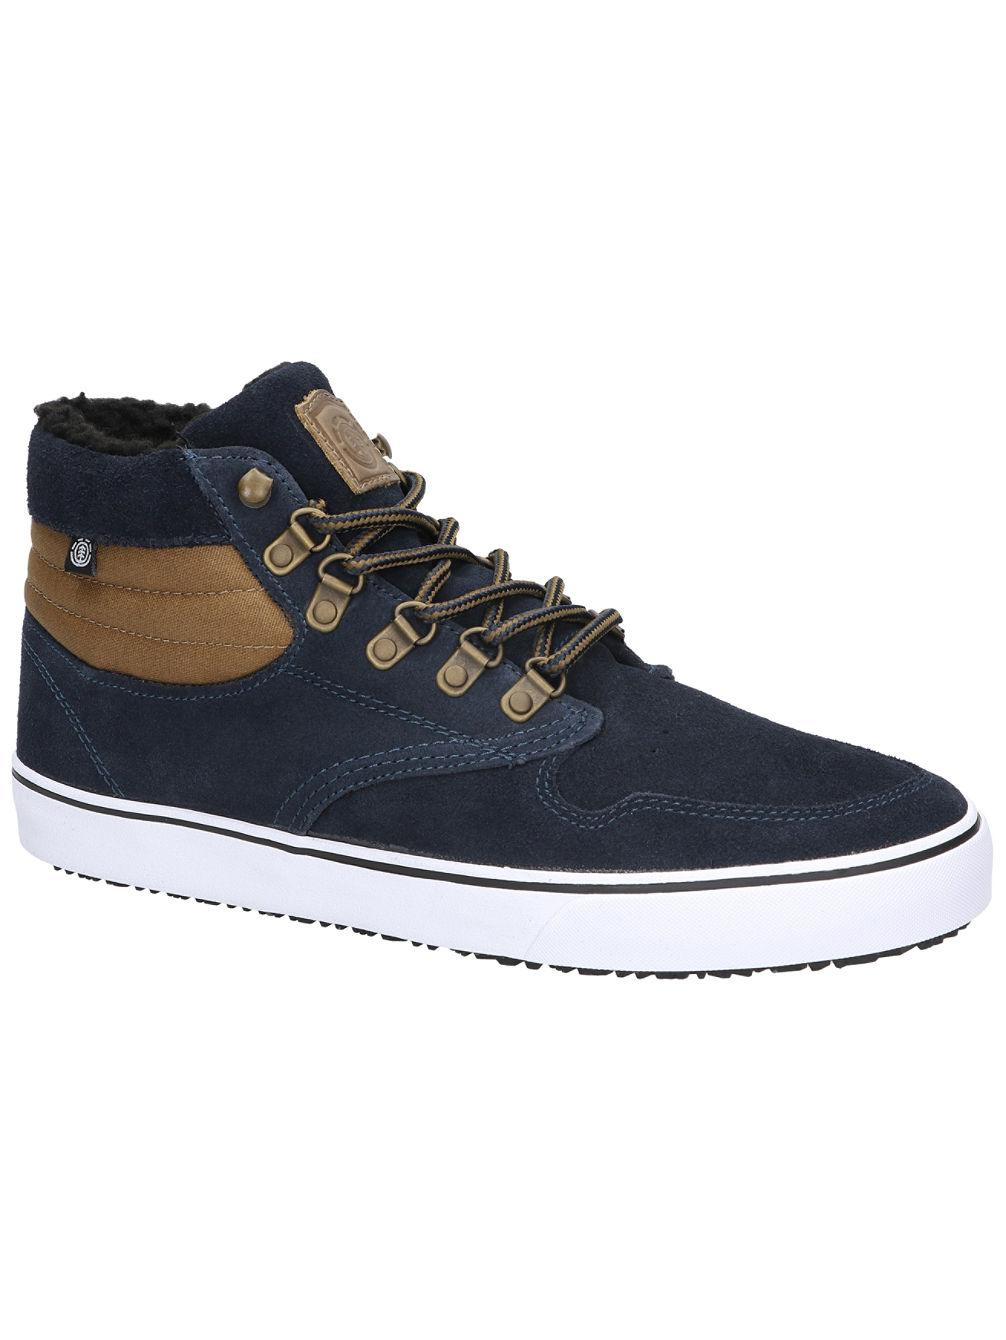 Kup Element Topaz C3 Mid Shoes online na blue-tomato.com ed1e0aa956